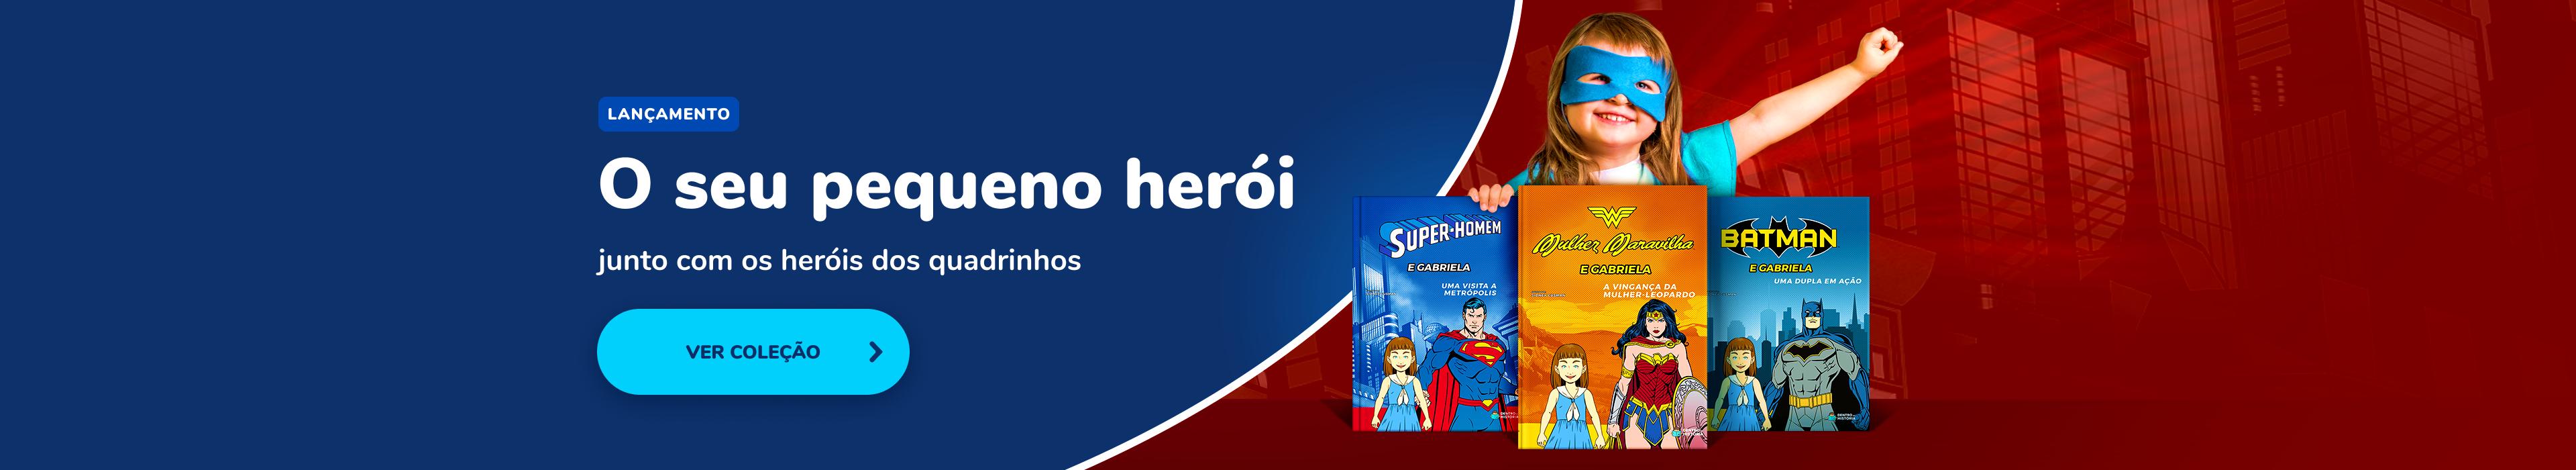 Criança com seus livros da DC Super herois